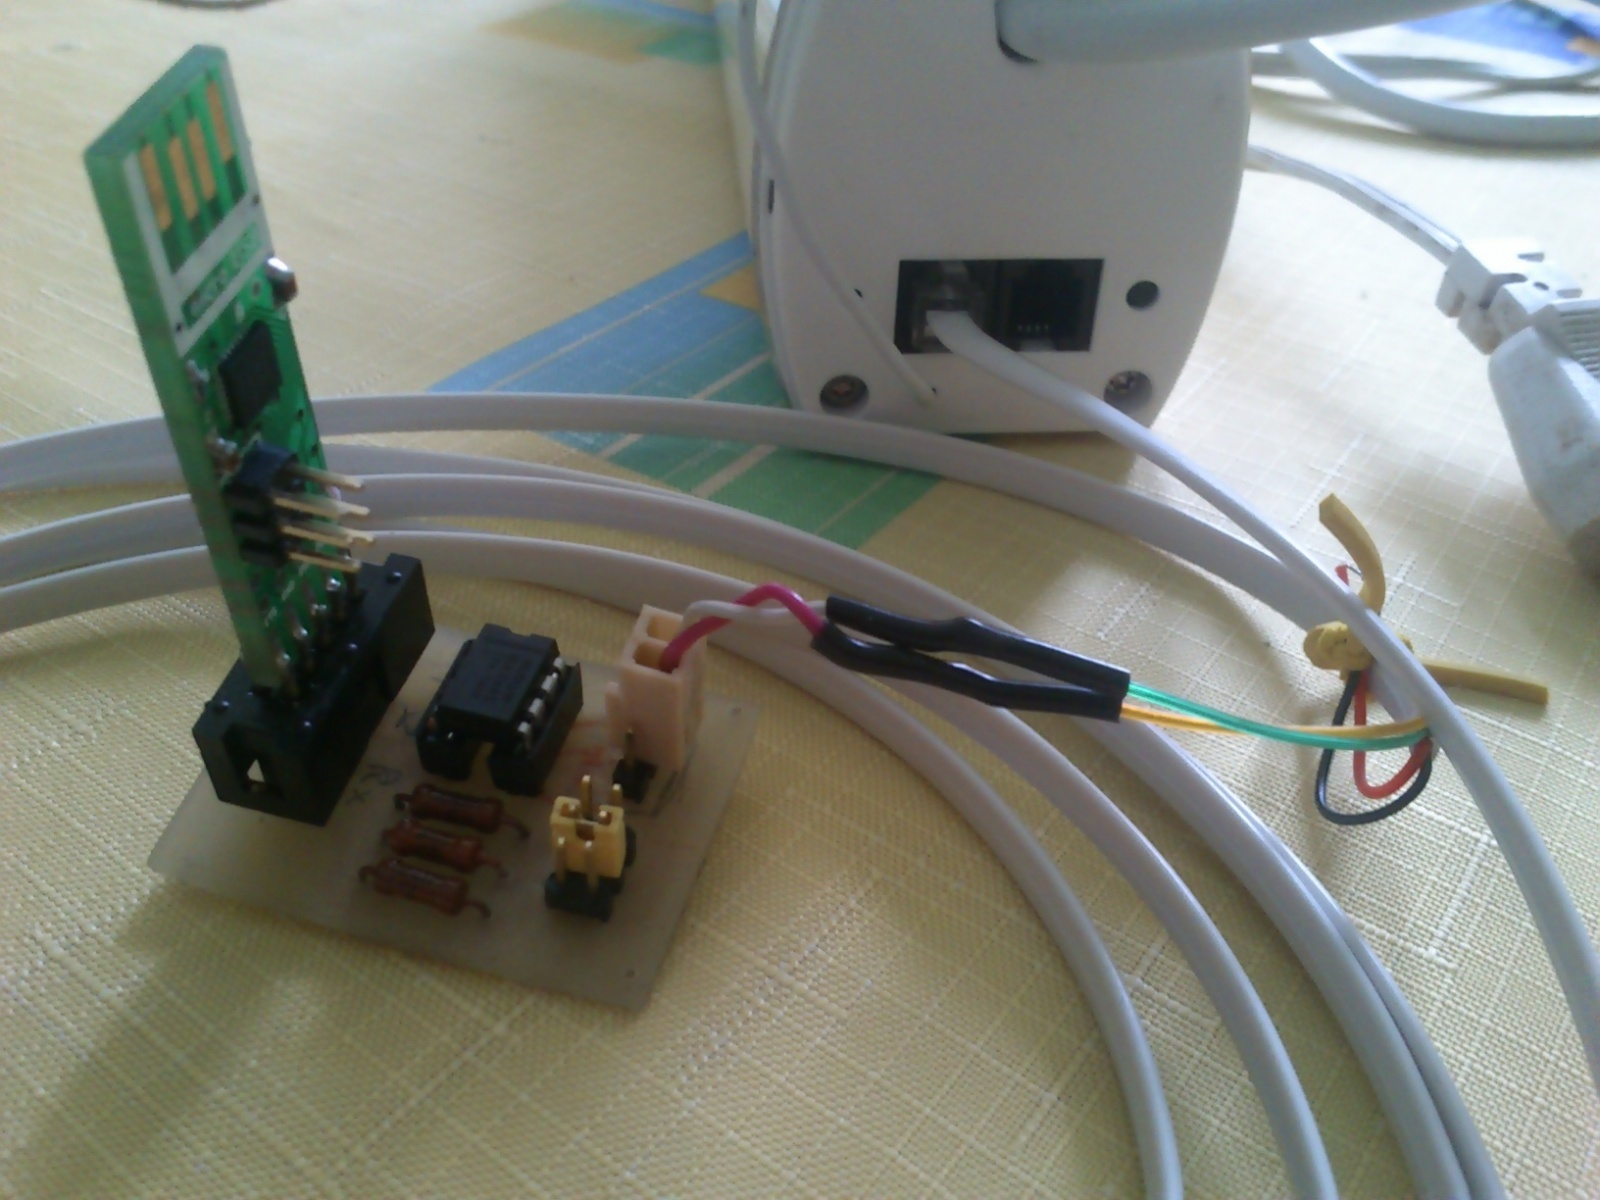 Управление шторой по интерфейсу RS-485 - 3